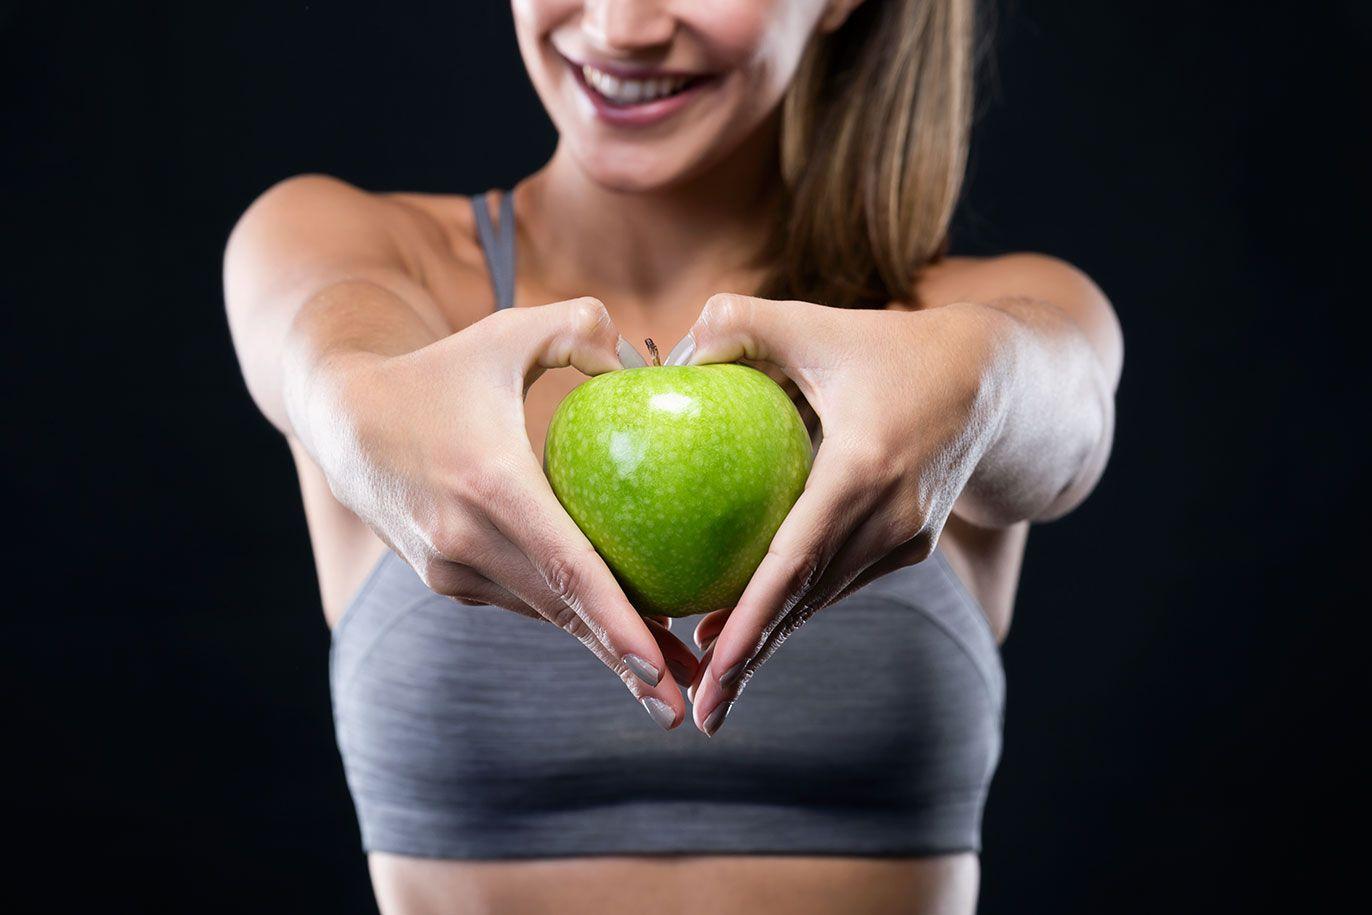 Эффект Похудения От Яблок. Если яблоки кушать сладкие то можно похудеть. Можно ли похудеть на яблоках